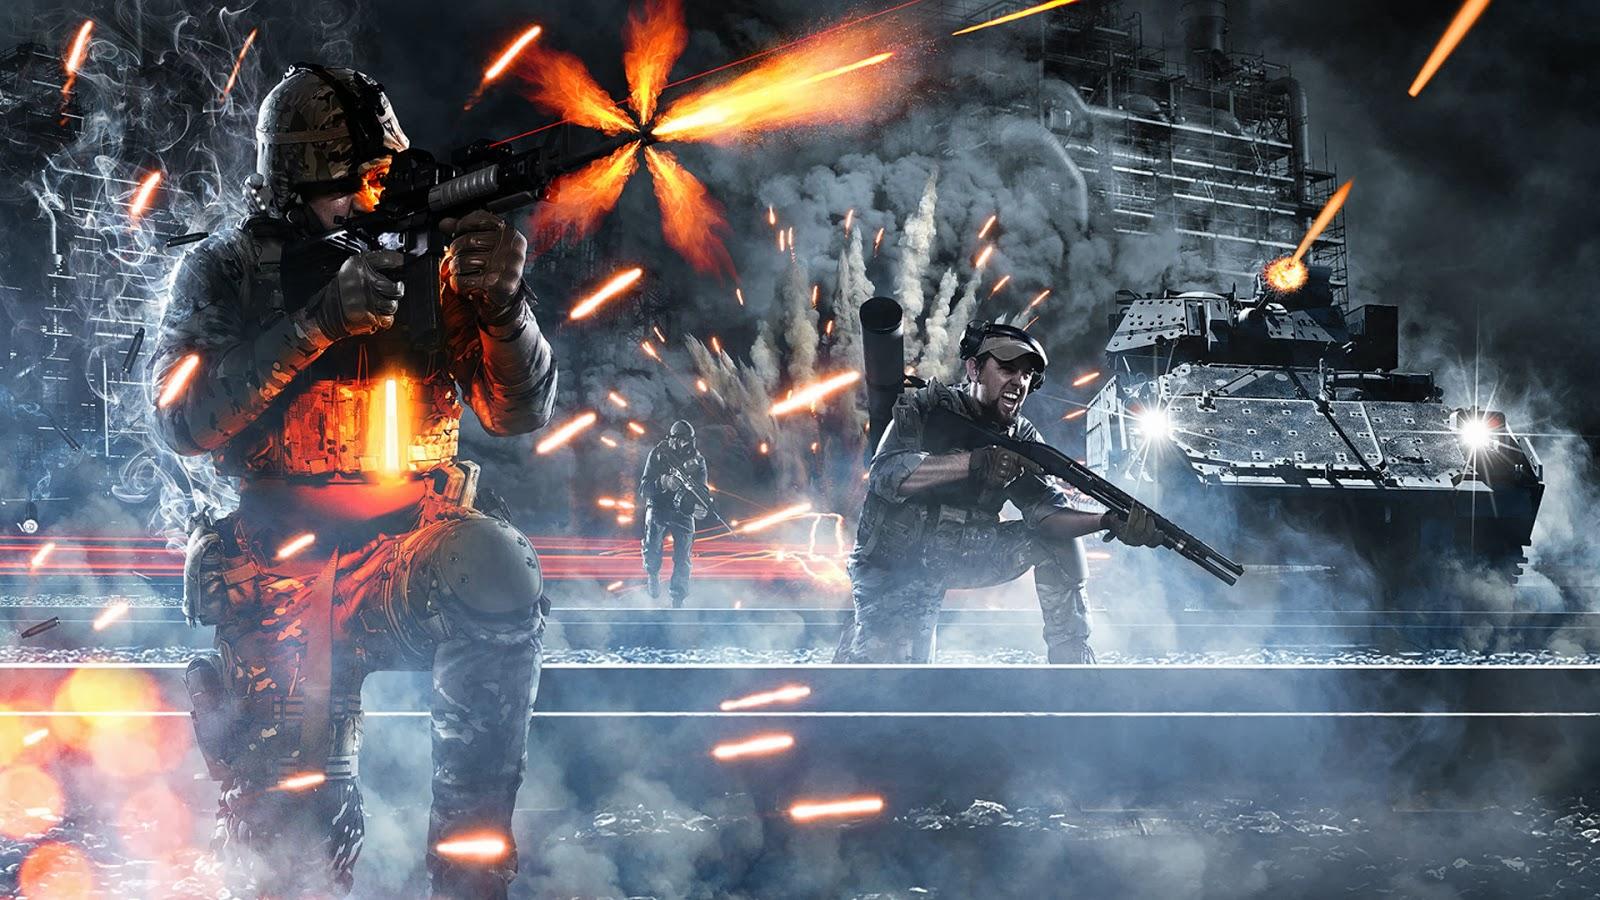 Battlefield 5 wallpaper Art - Battlefield5 | Source Of The Game Battlefield 5 News , and more